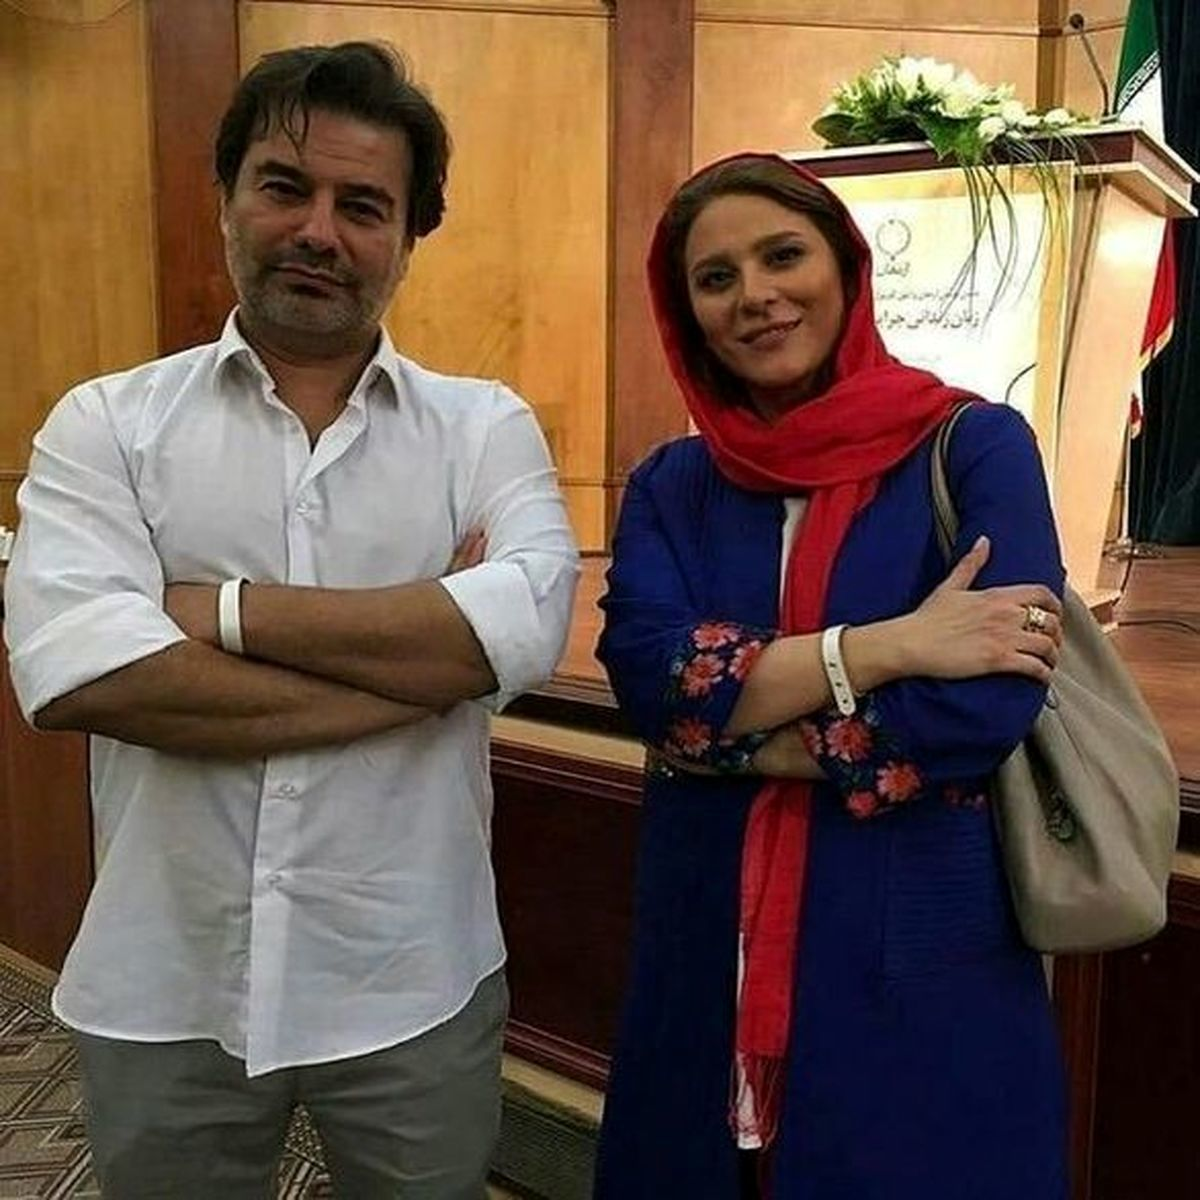 عکس پیمان قاسم خانی و برادر زاده اش جنجالی شد + عکس و بیوگرافی